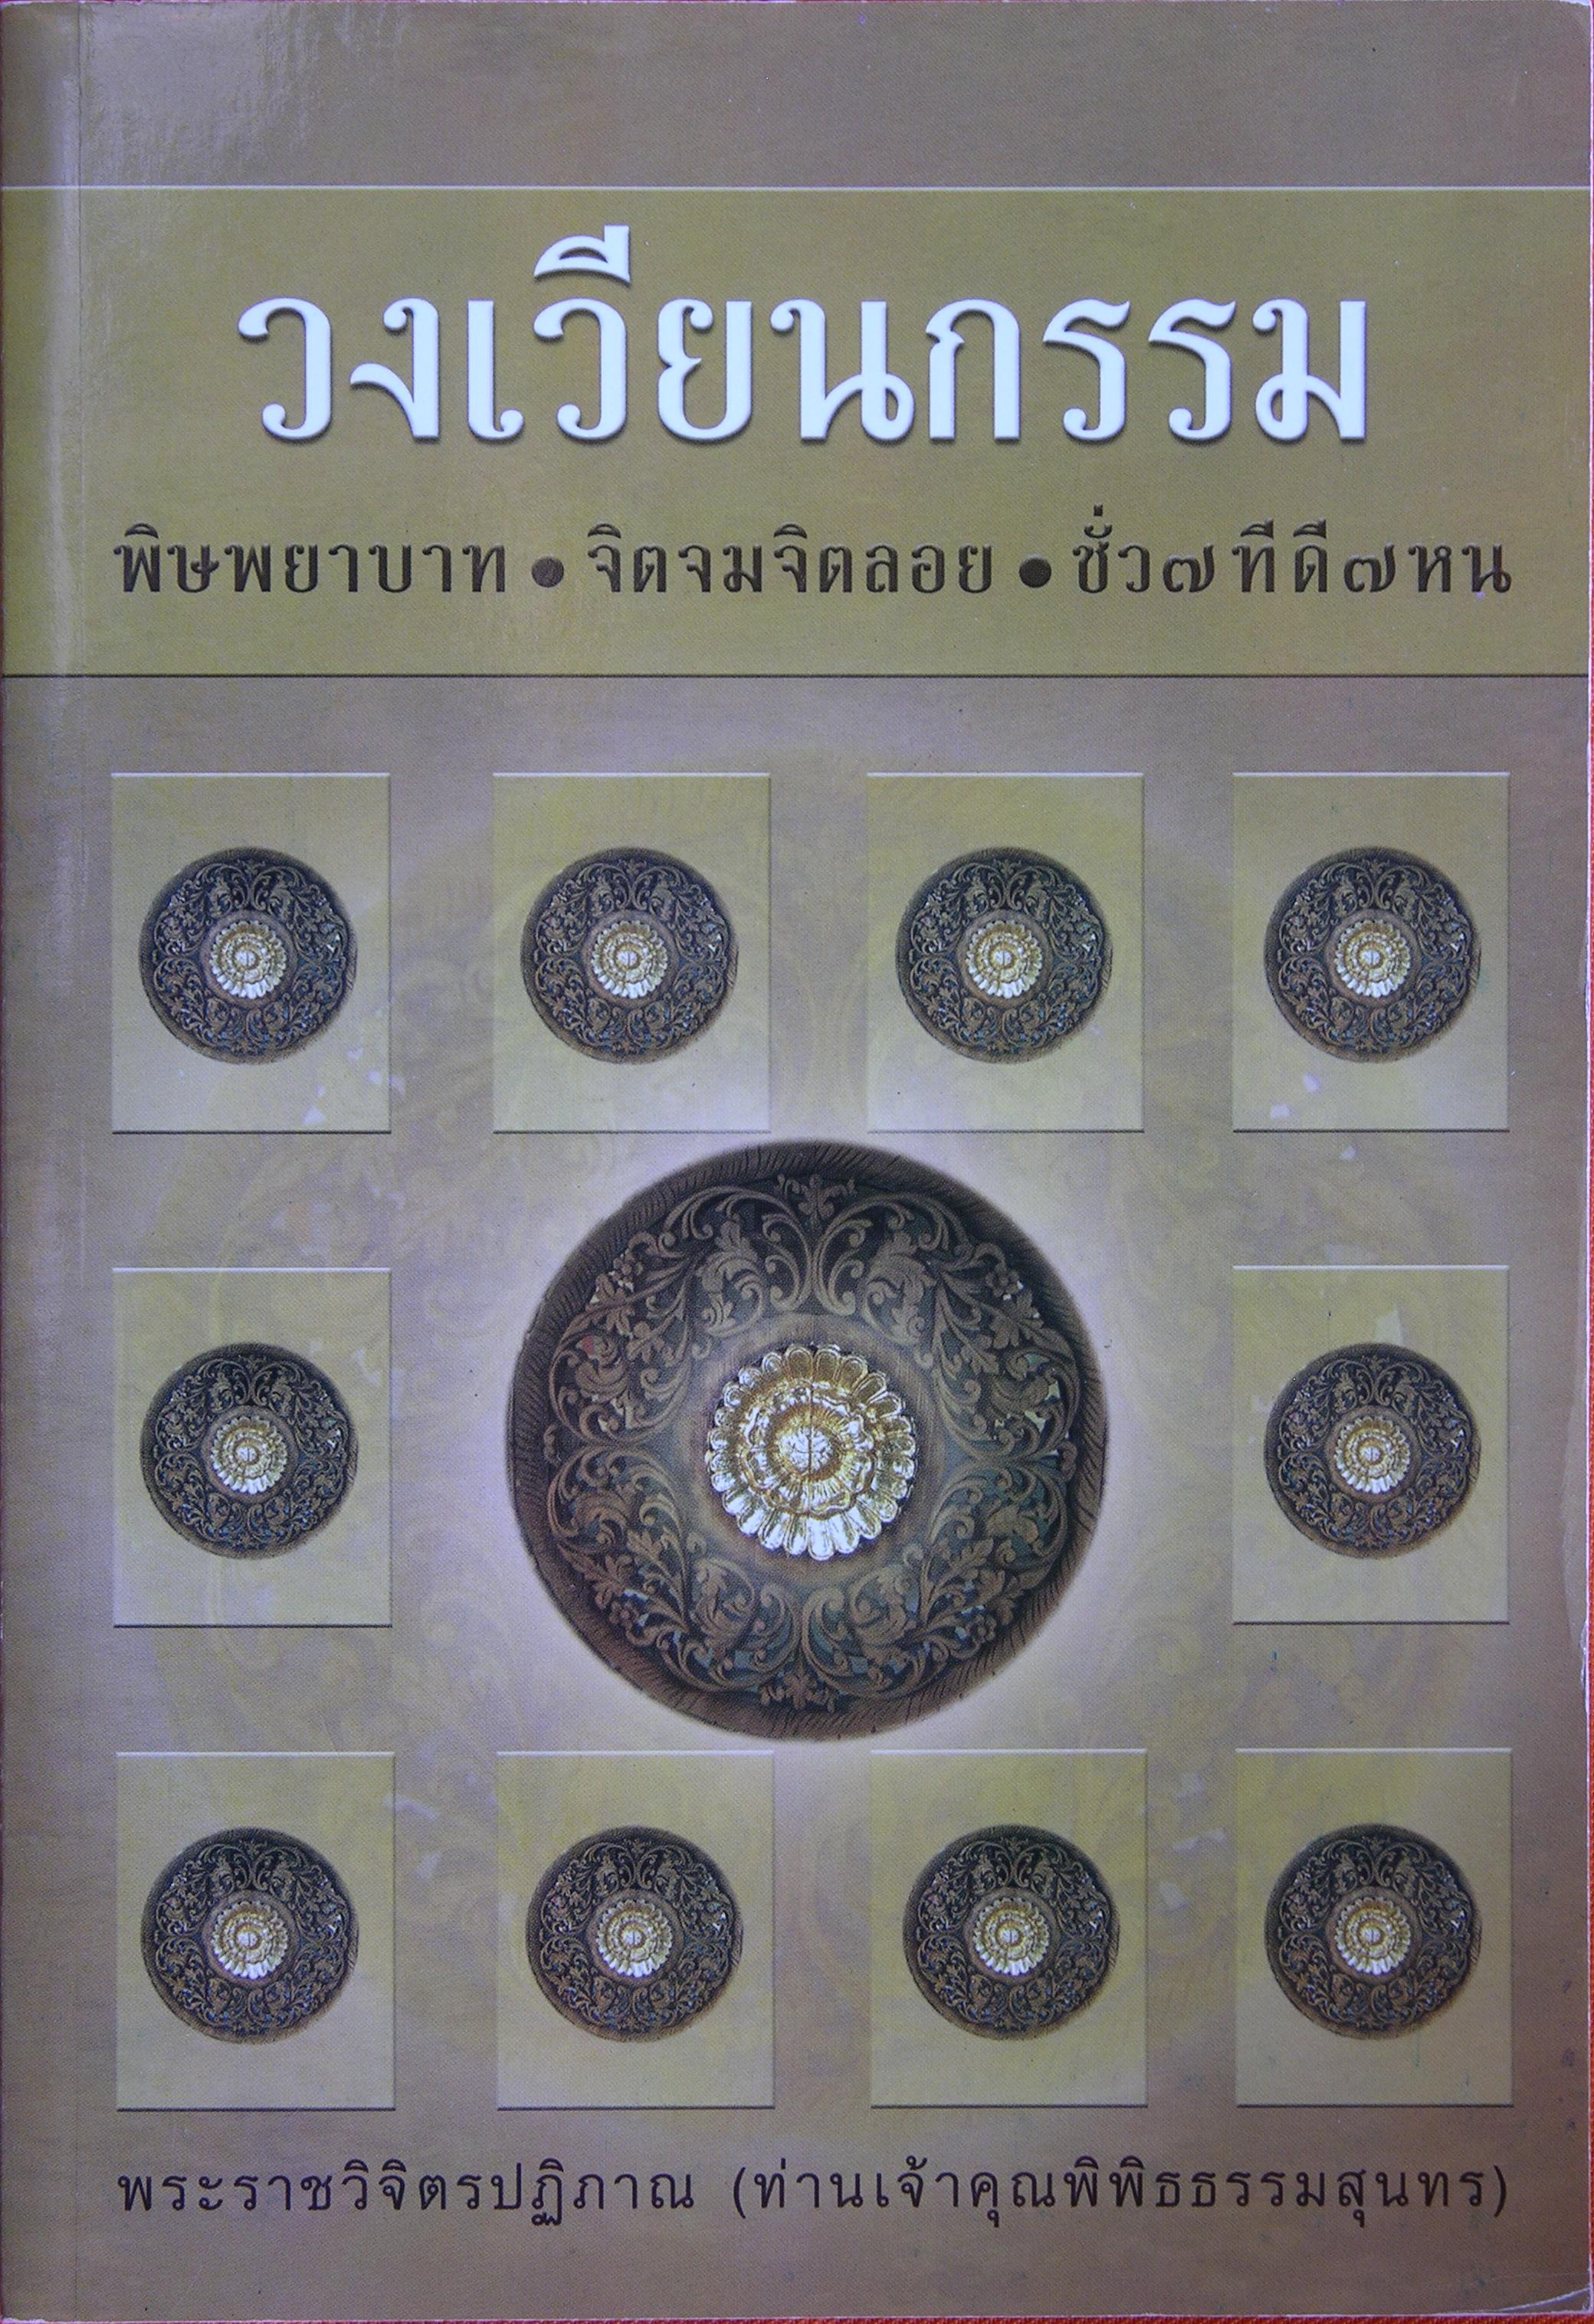 ที่ศาลาเผยแผ่วัดสุทัศน์ฯ เสาชิงช้า มีหนังสือ CD VCD DVD ธรรมะมากมายเชิญได้ 02-2222-9632